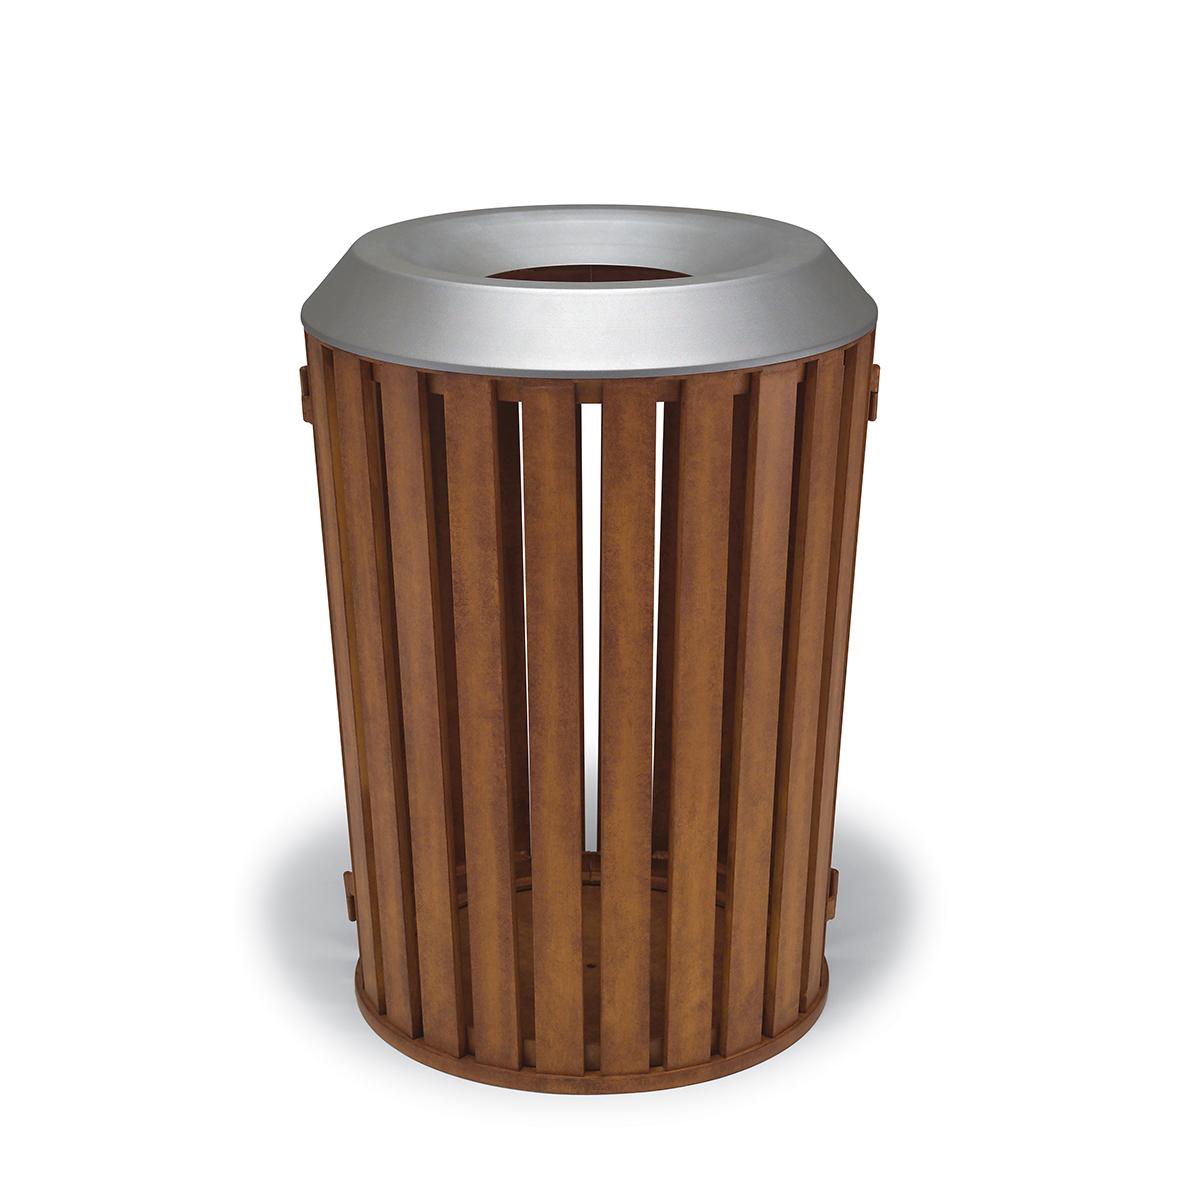 woodridge 32 gallon trash can with flat top